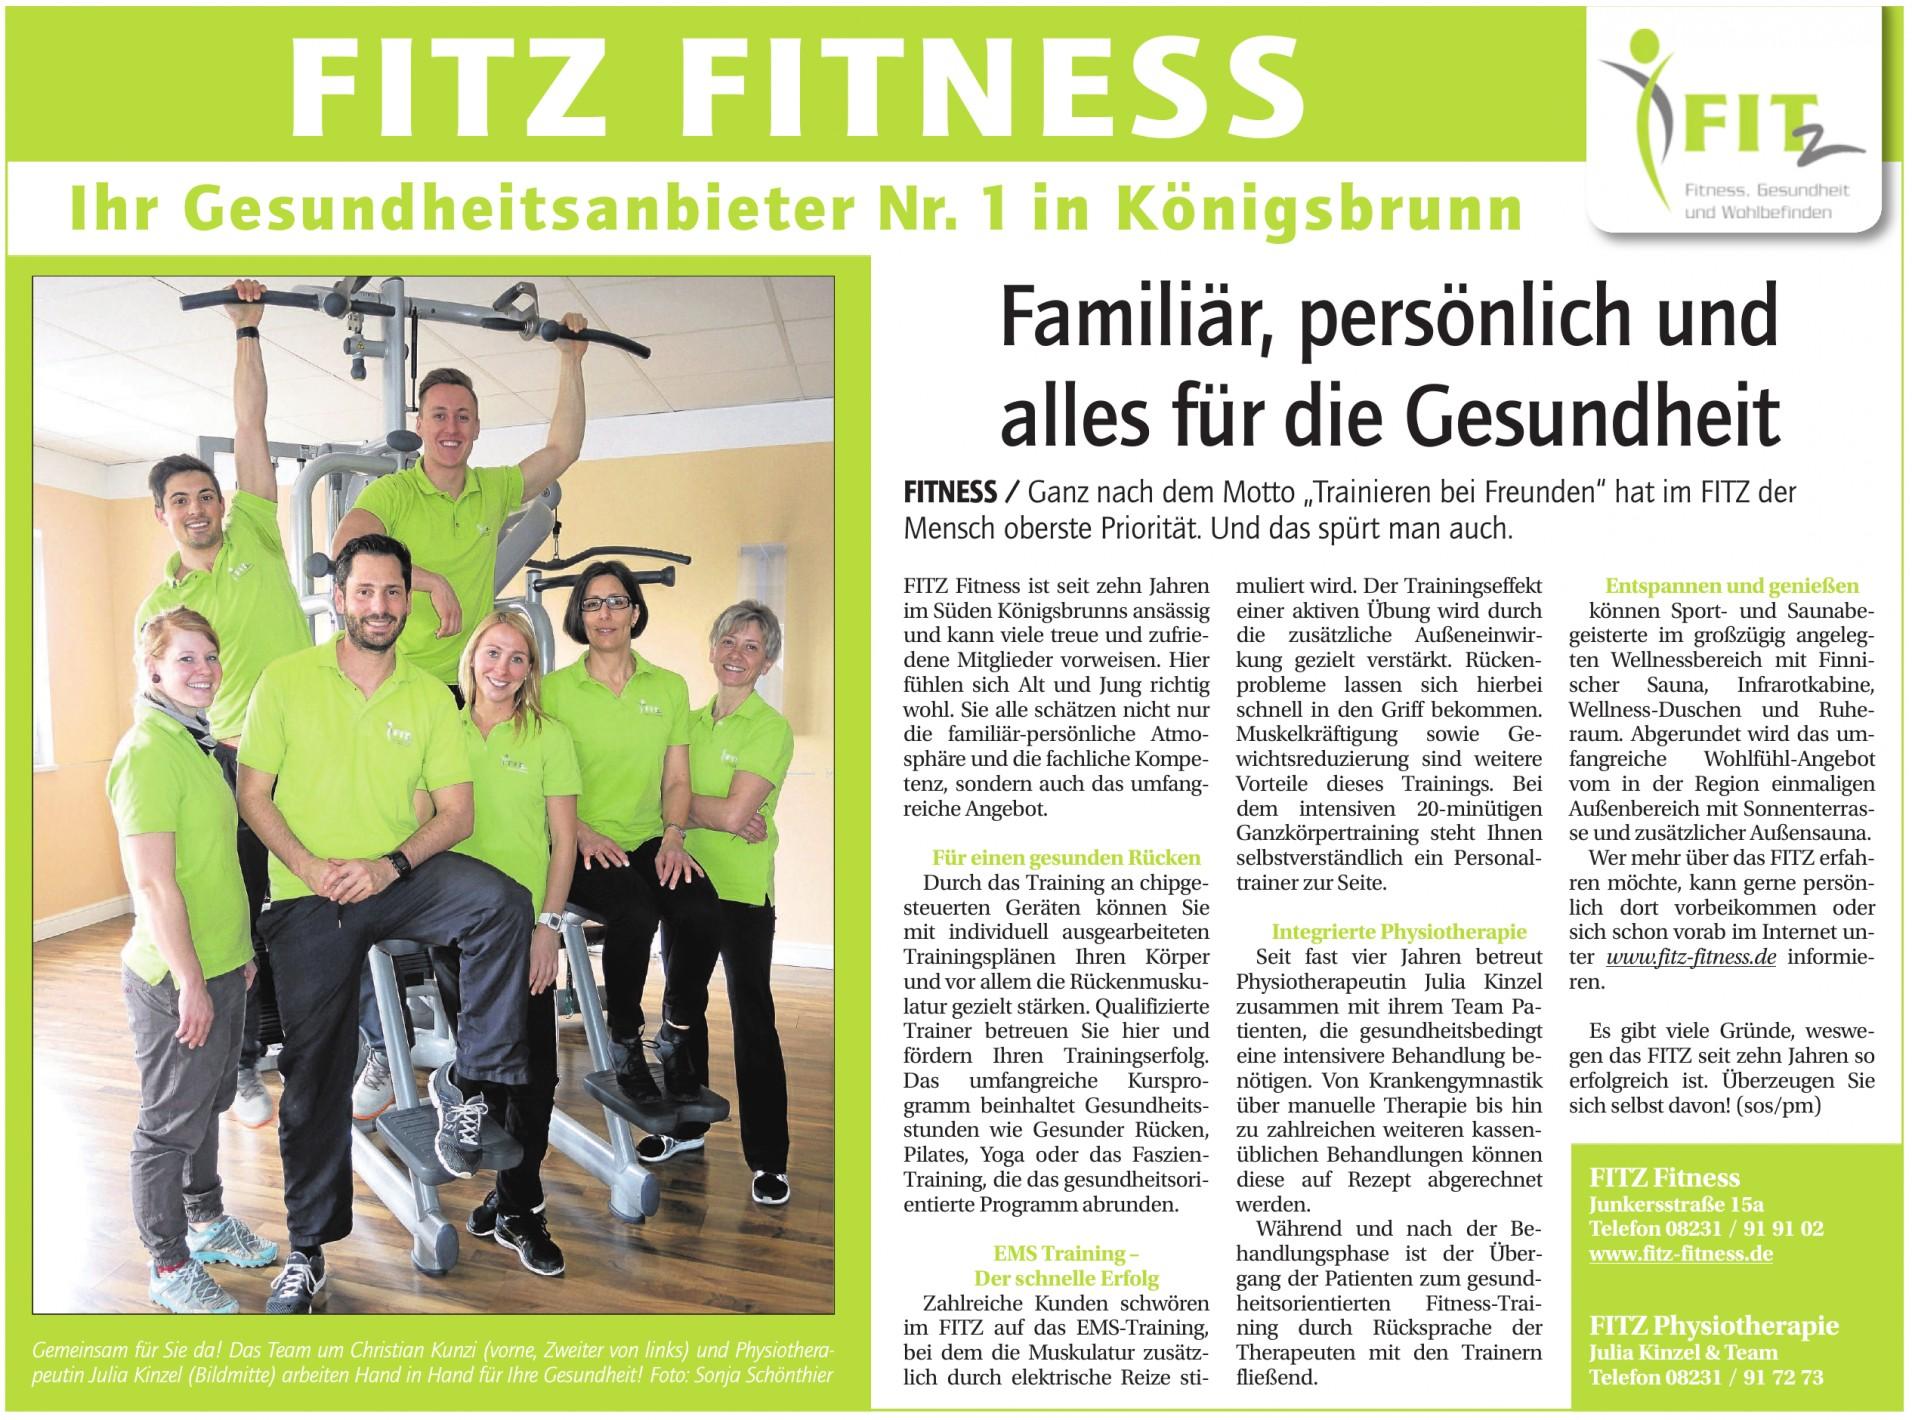 Fitz Fitness